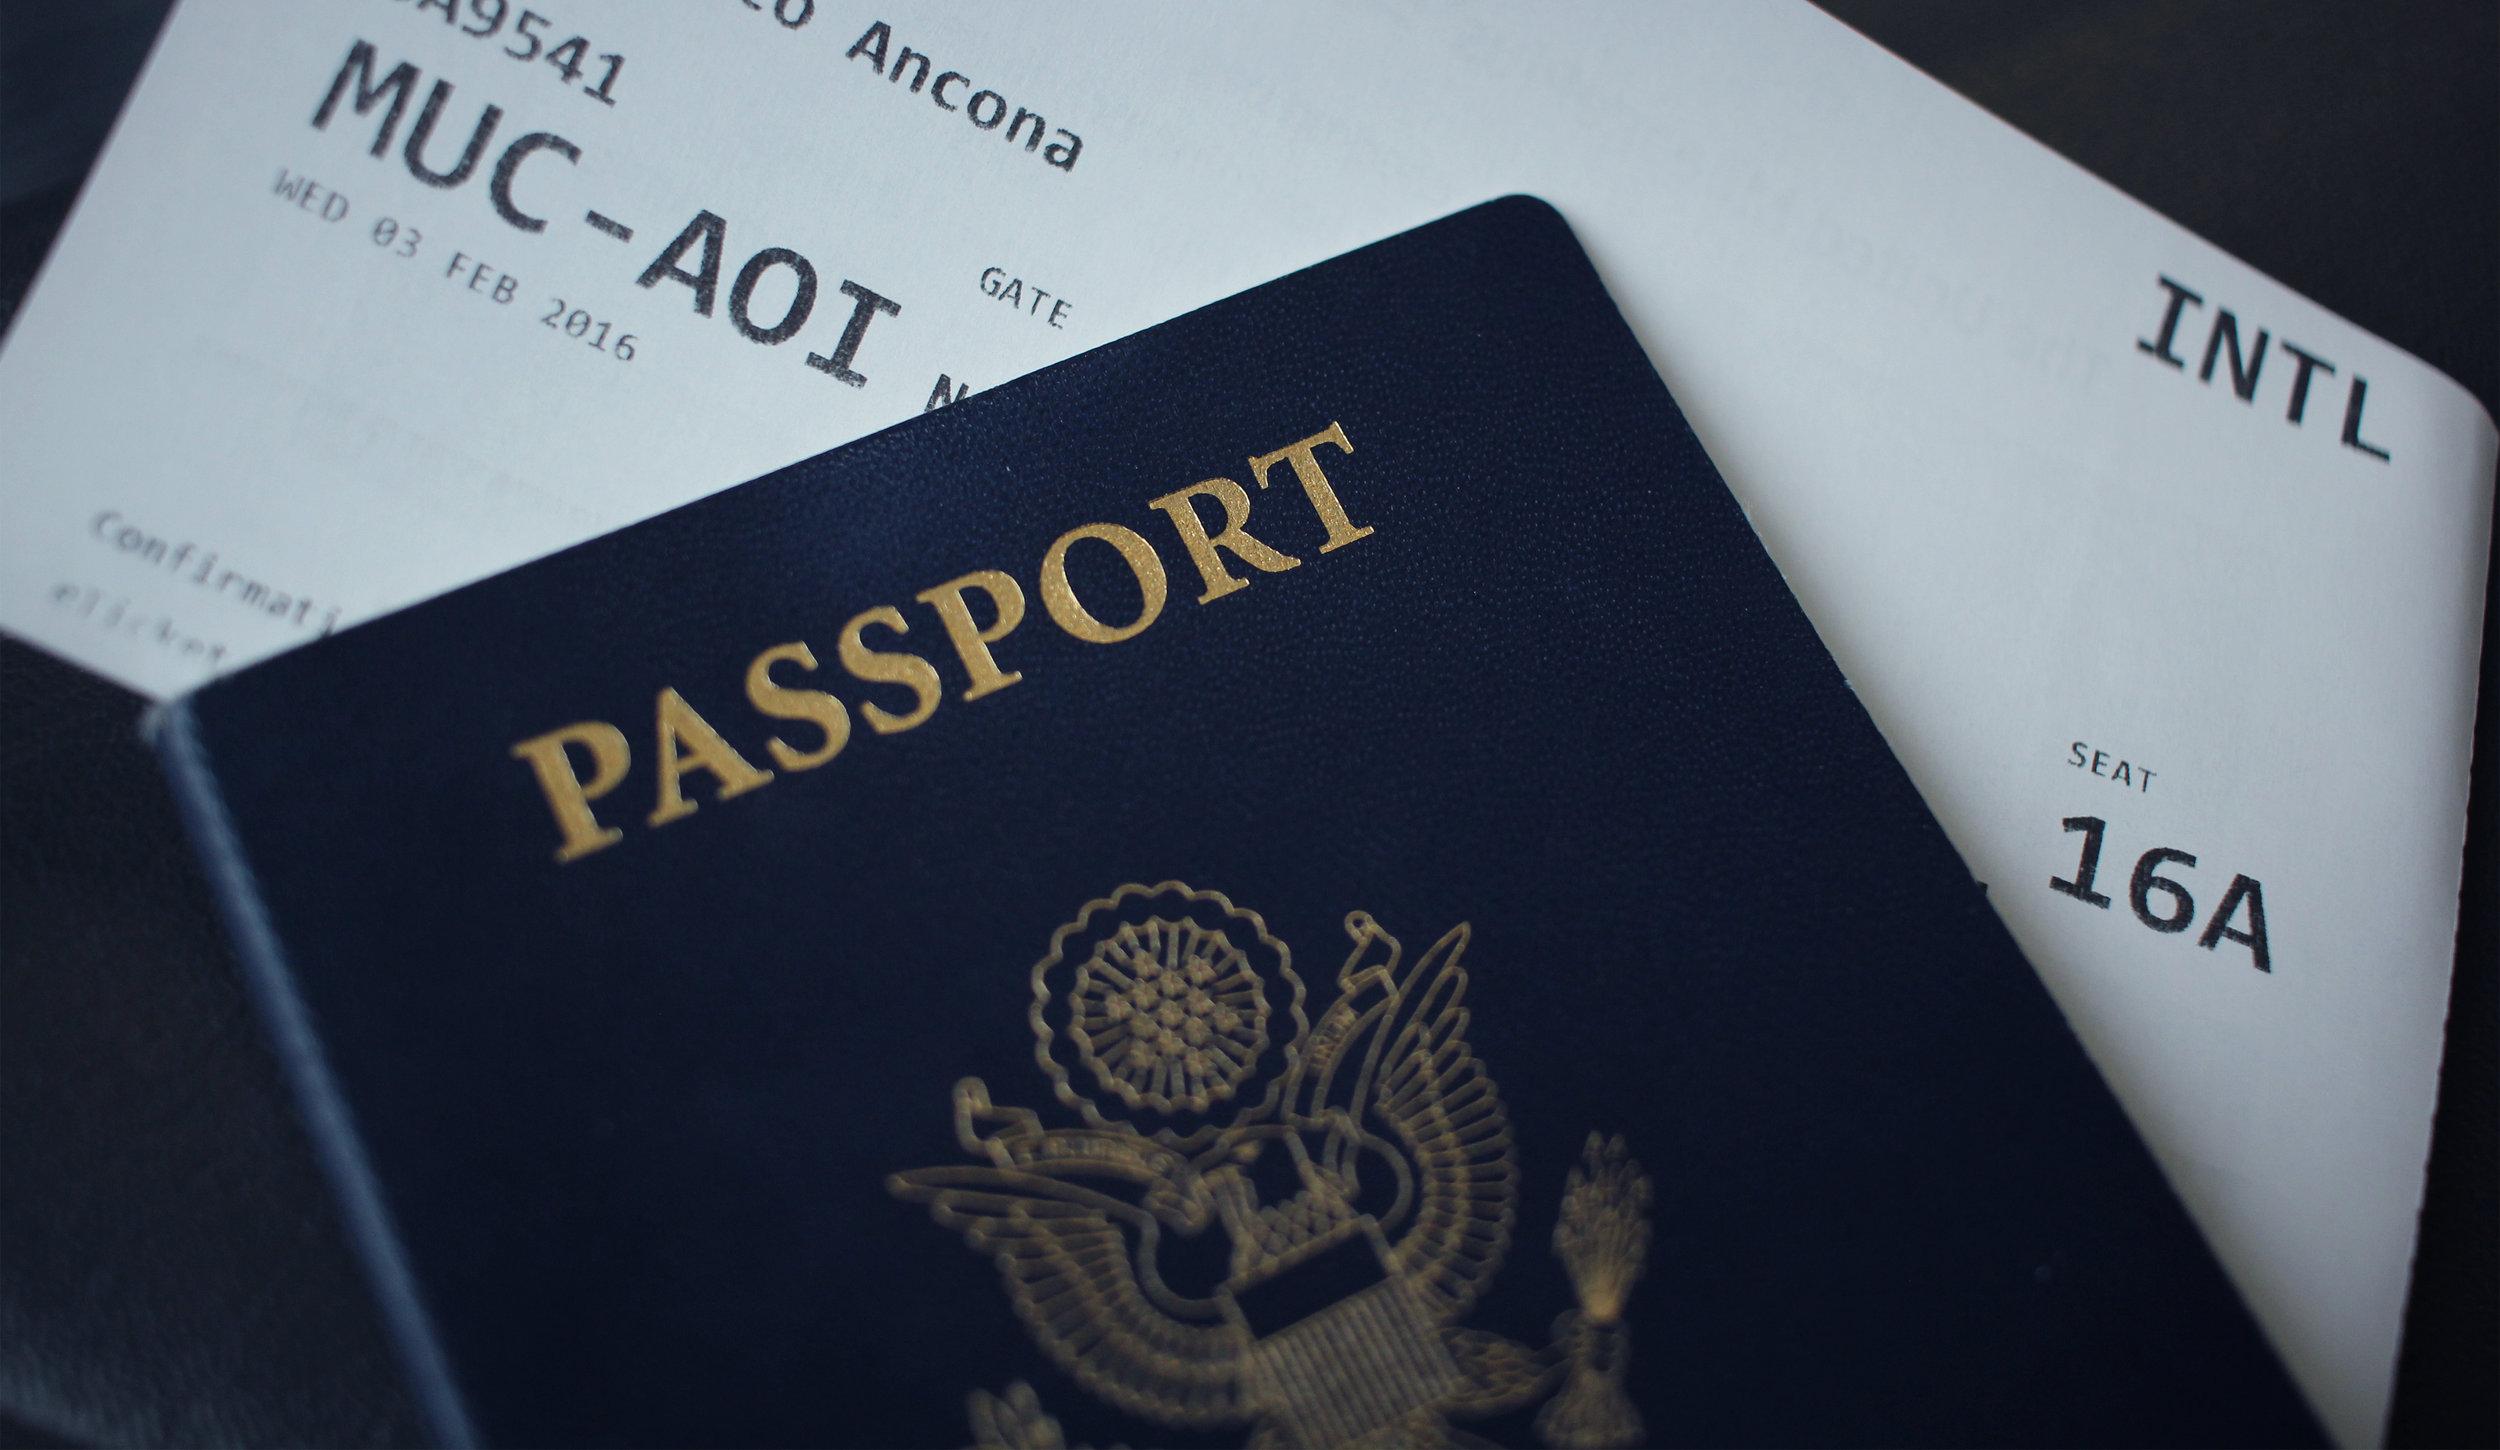 PASSAPORTE INDEX - Uma boa ferramenta para se saber facilmente que tipo de visto é necessário. Não dispensa a consulta de informação oficial.